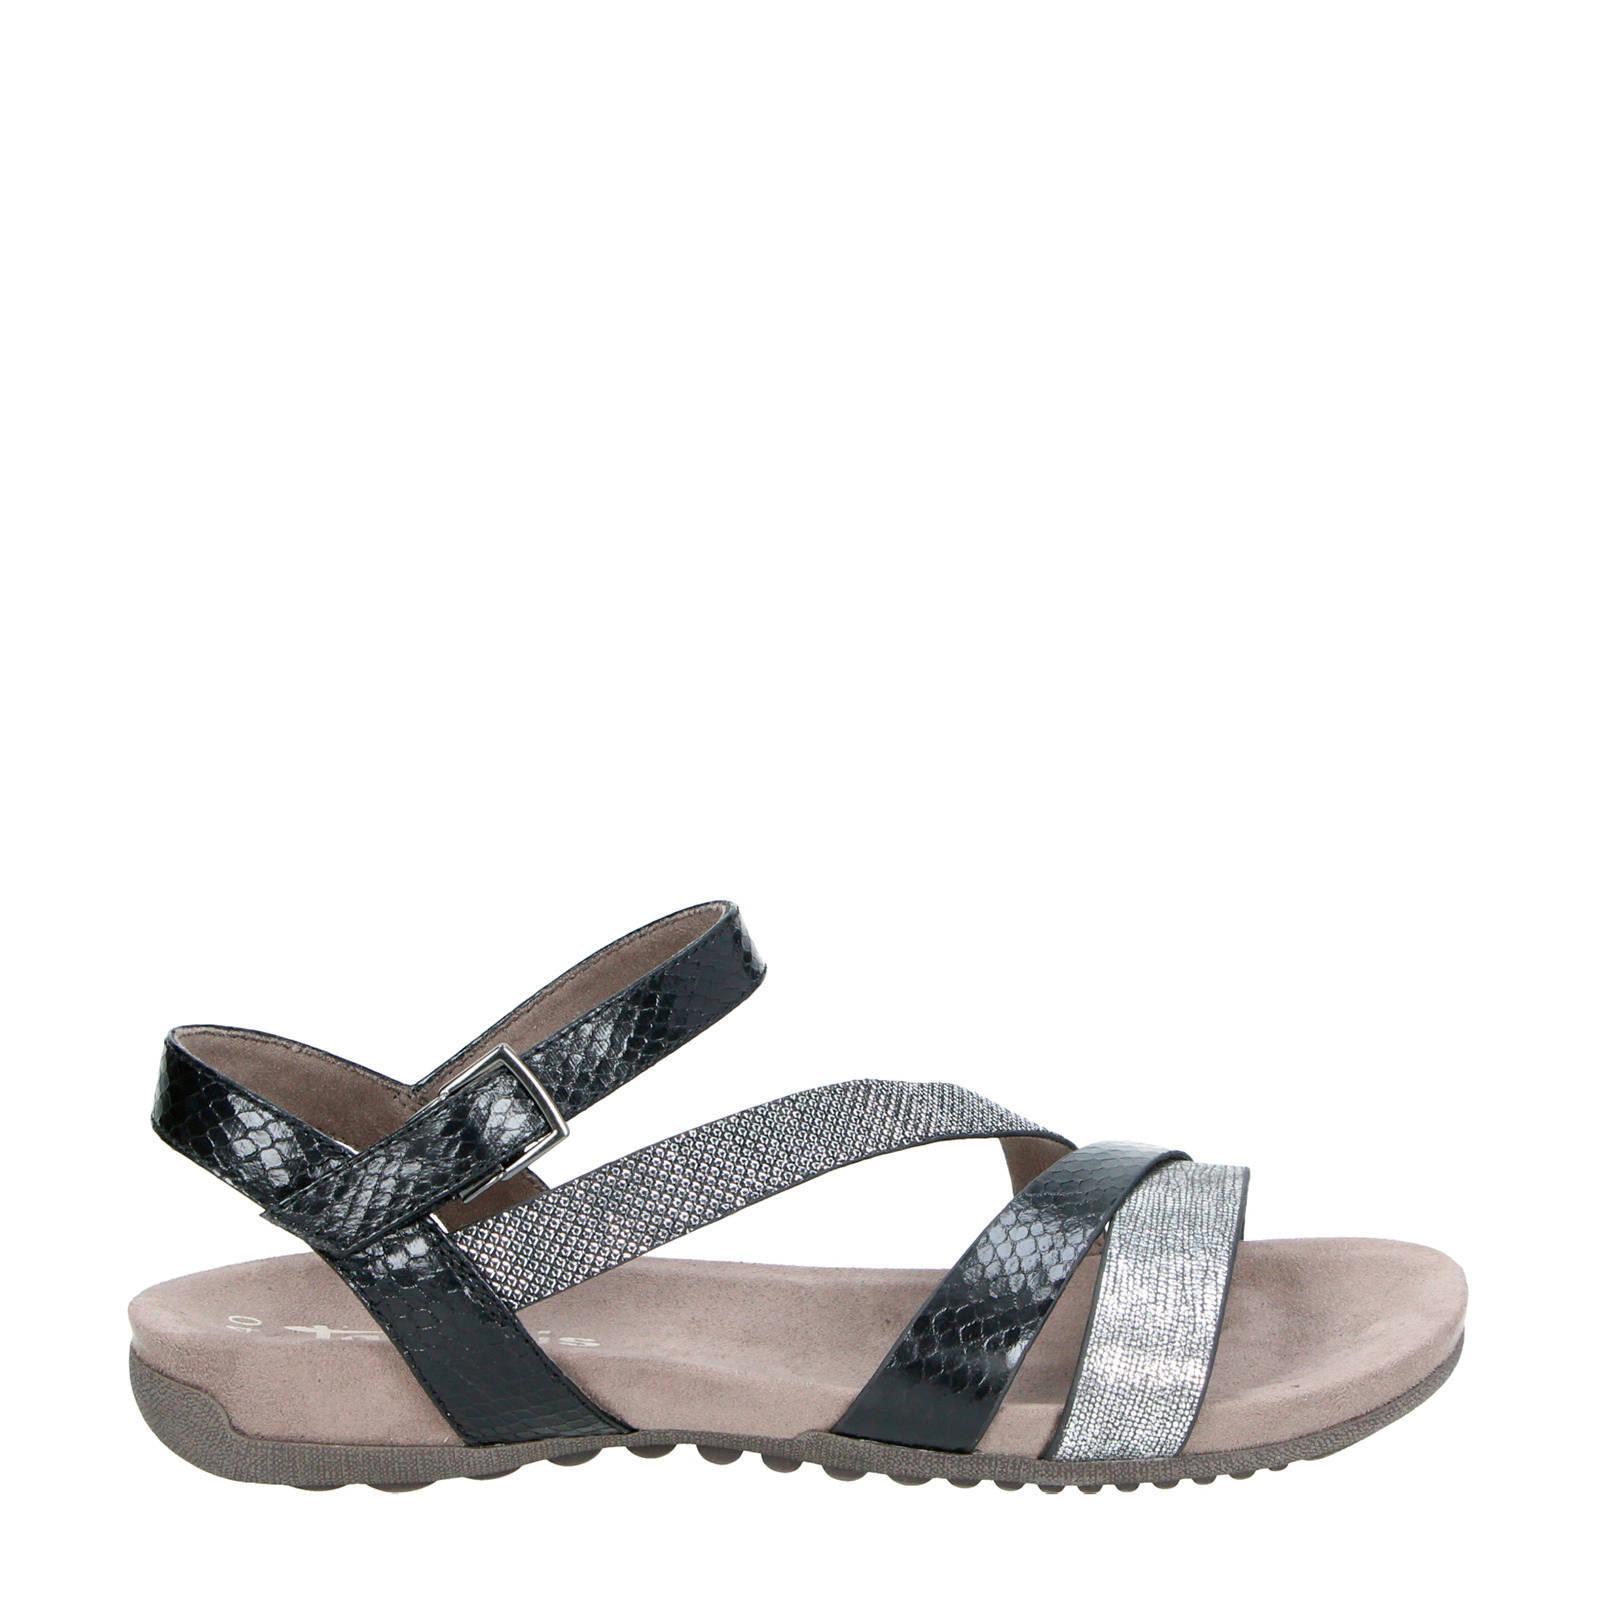 sandalen met reptielenprint